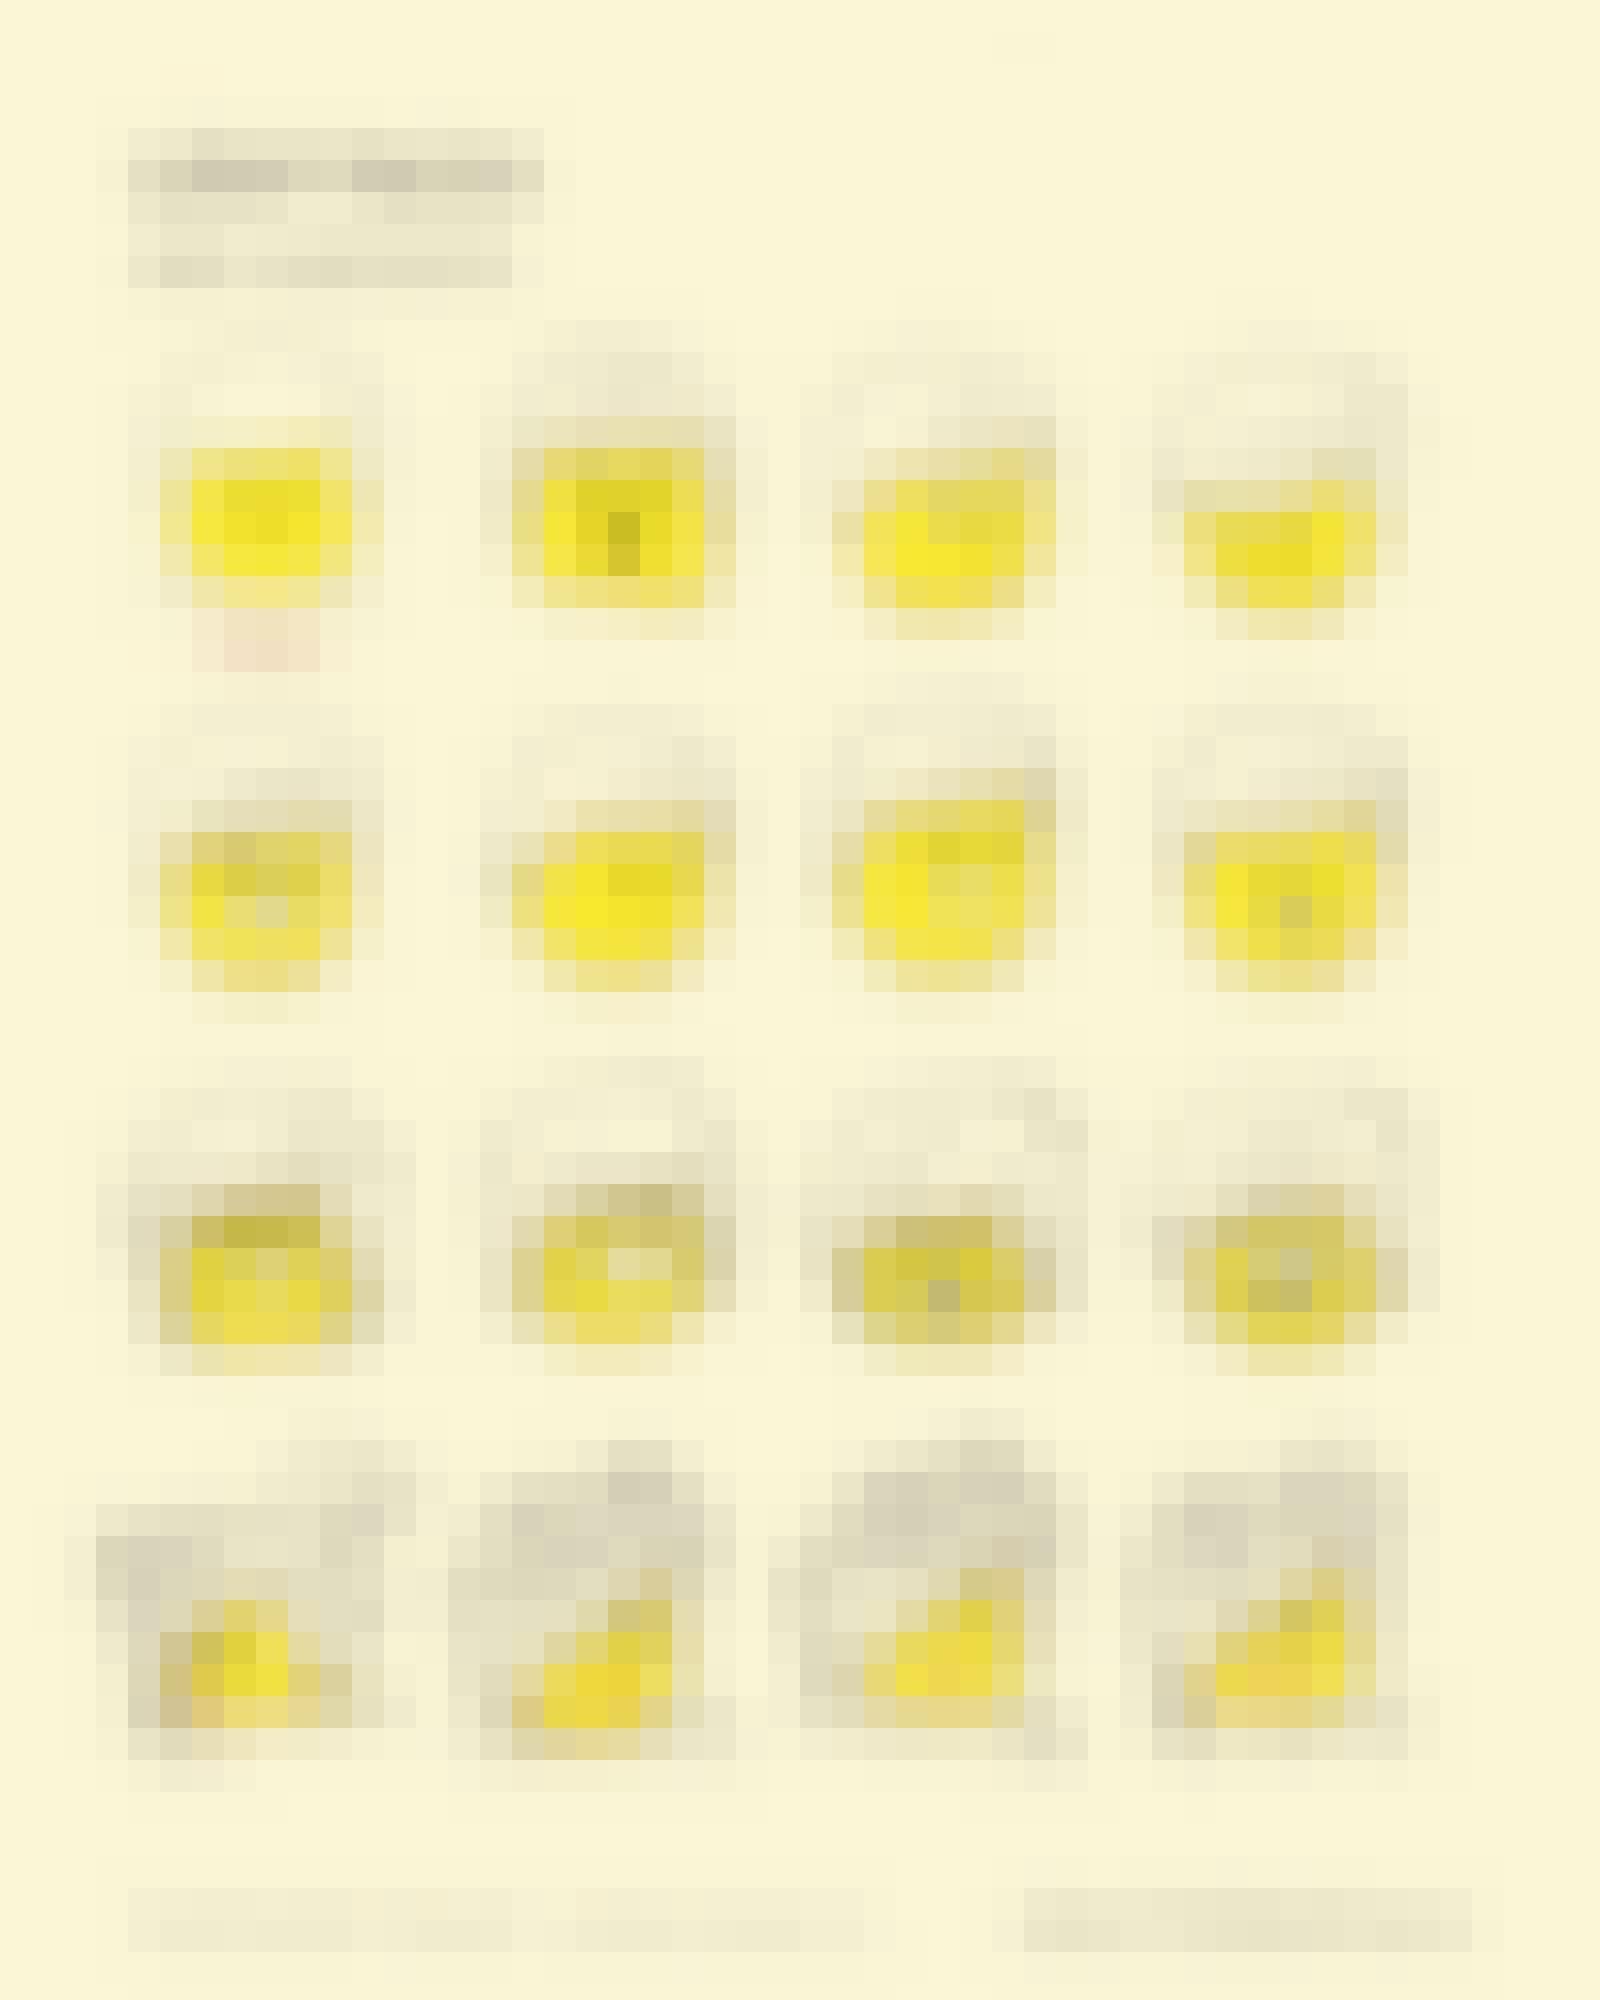 Lego faces - Sketchplanations